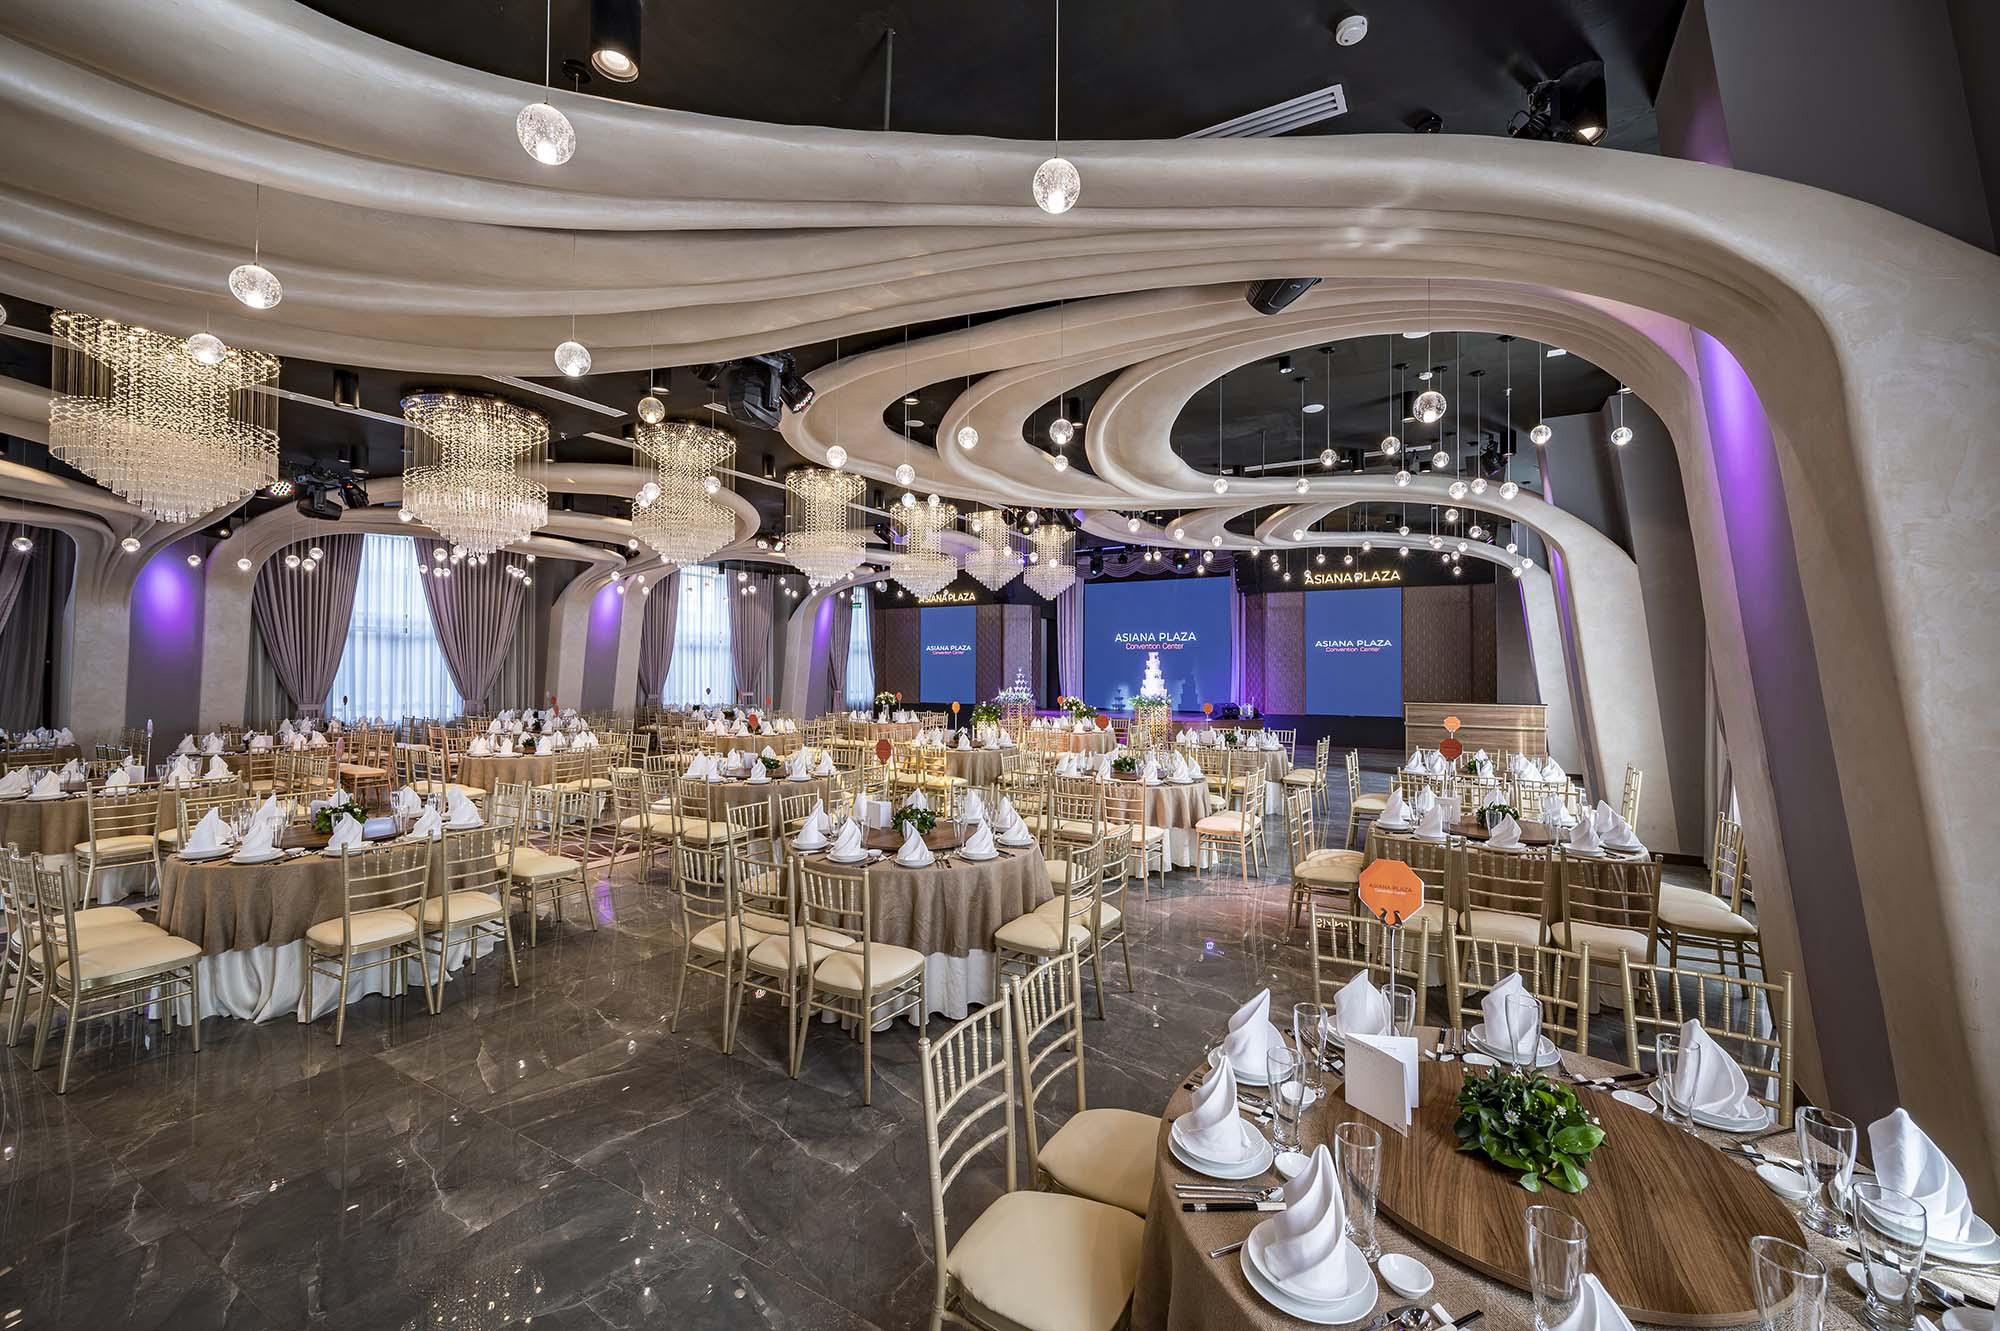 Đám cưới lý tưởng tại Asiana Plaza